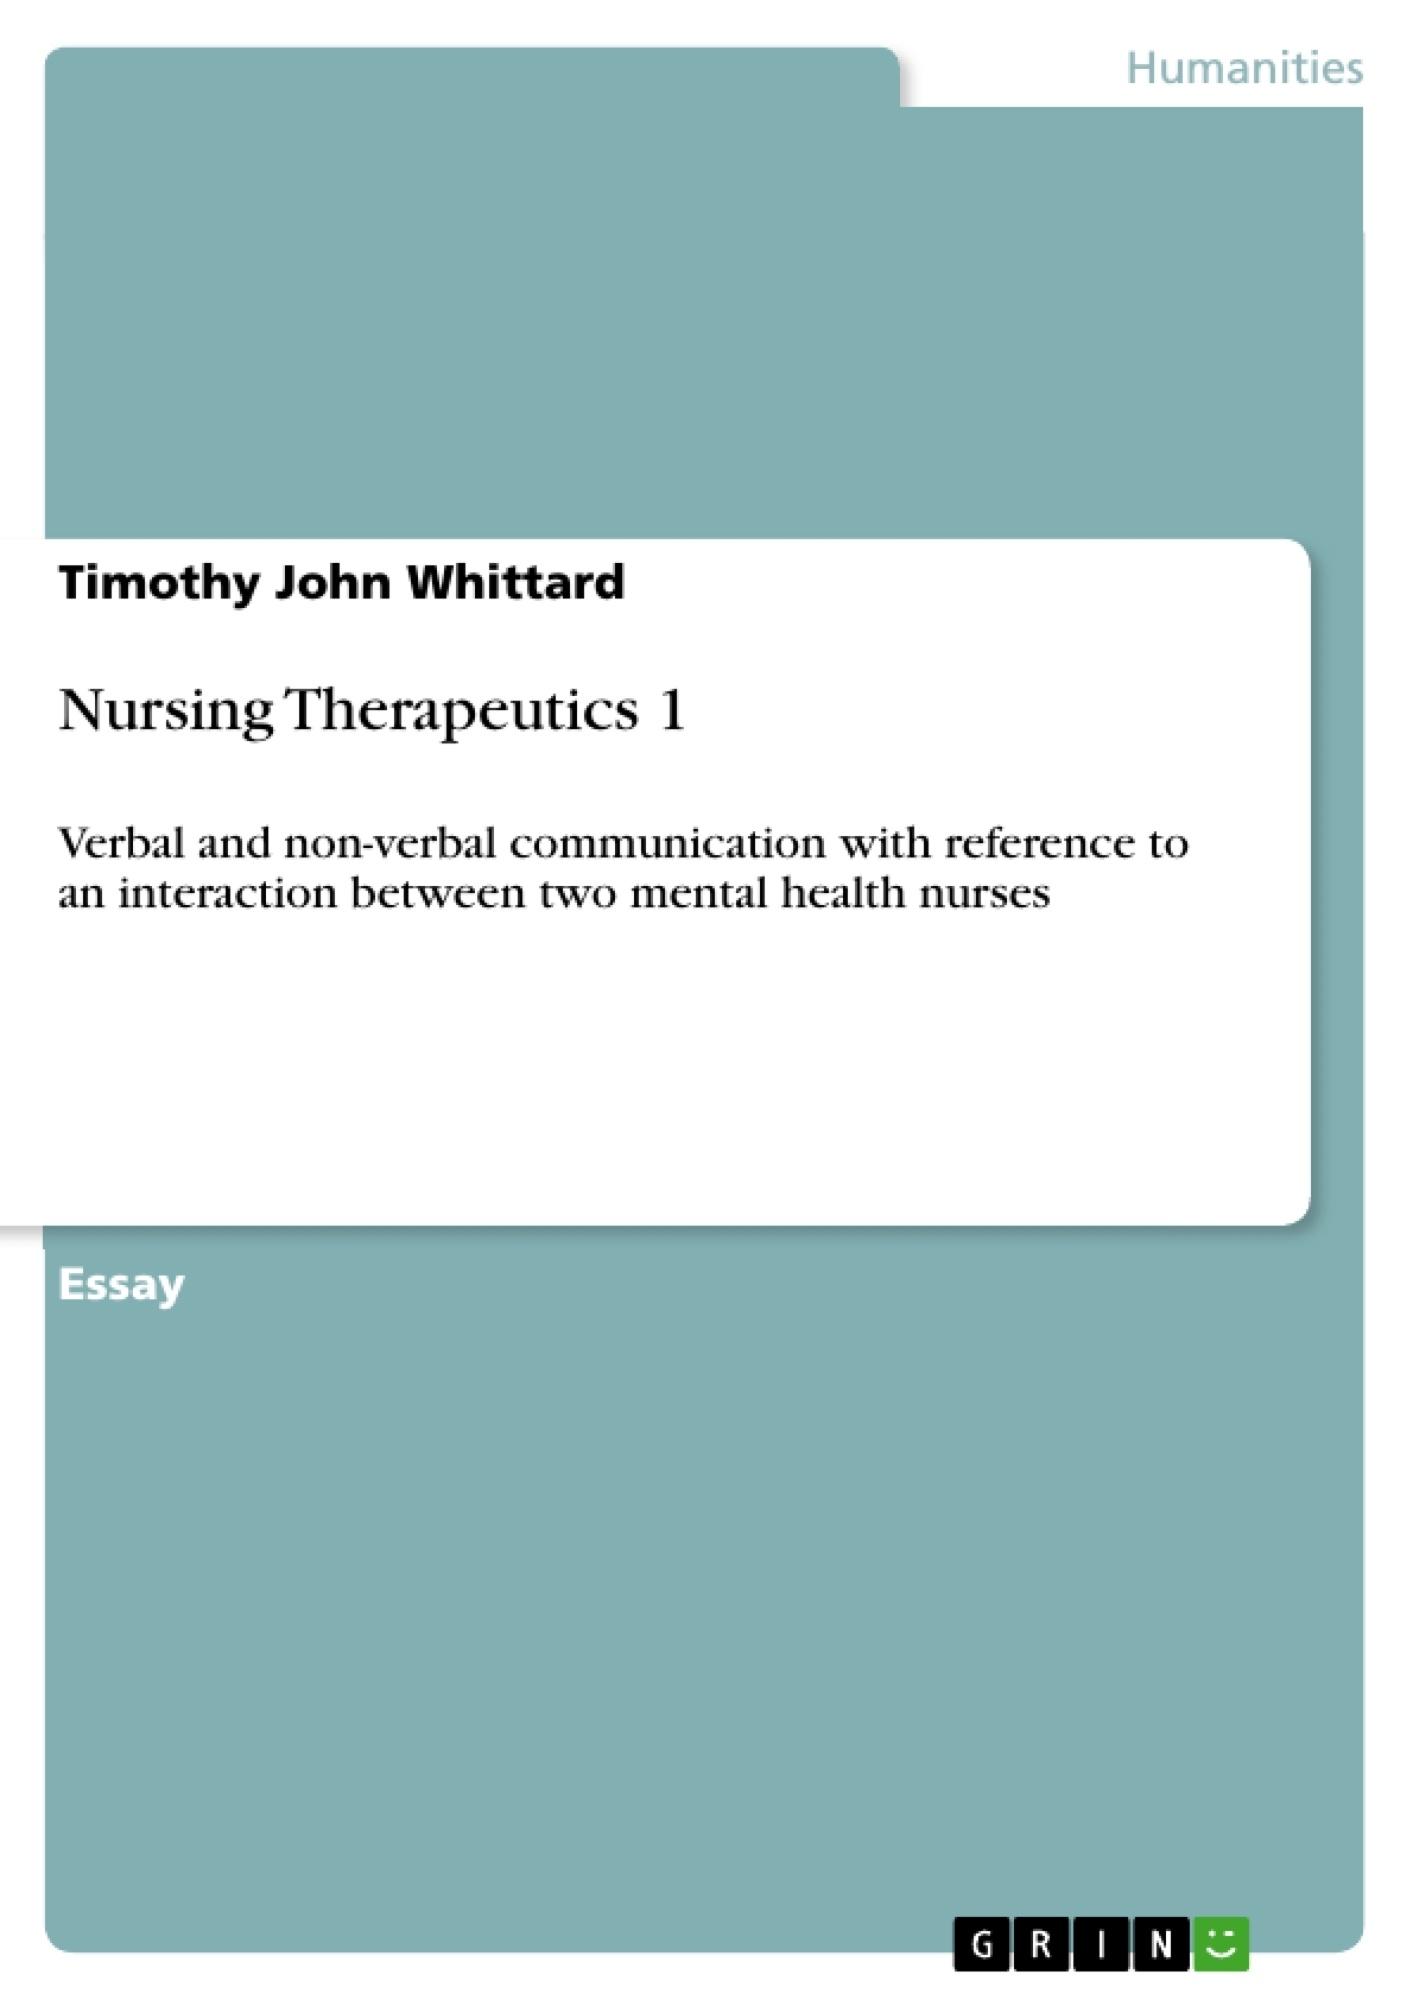 Title: Nursing Therapeutics 1